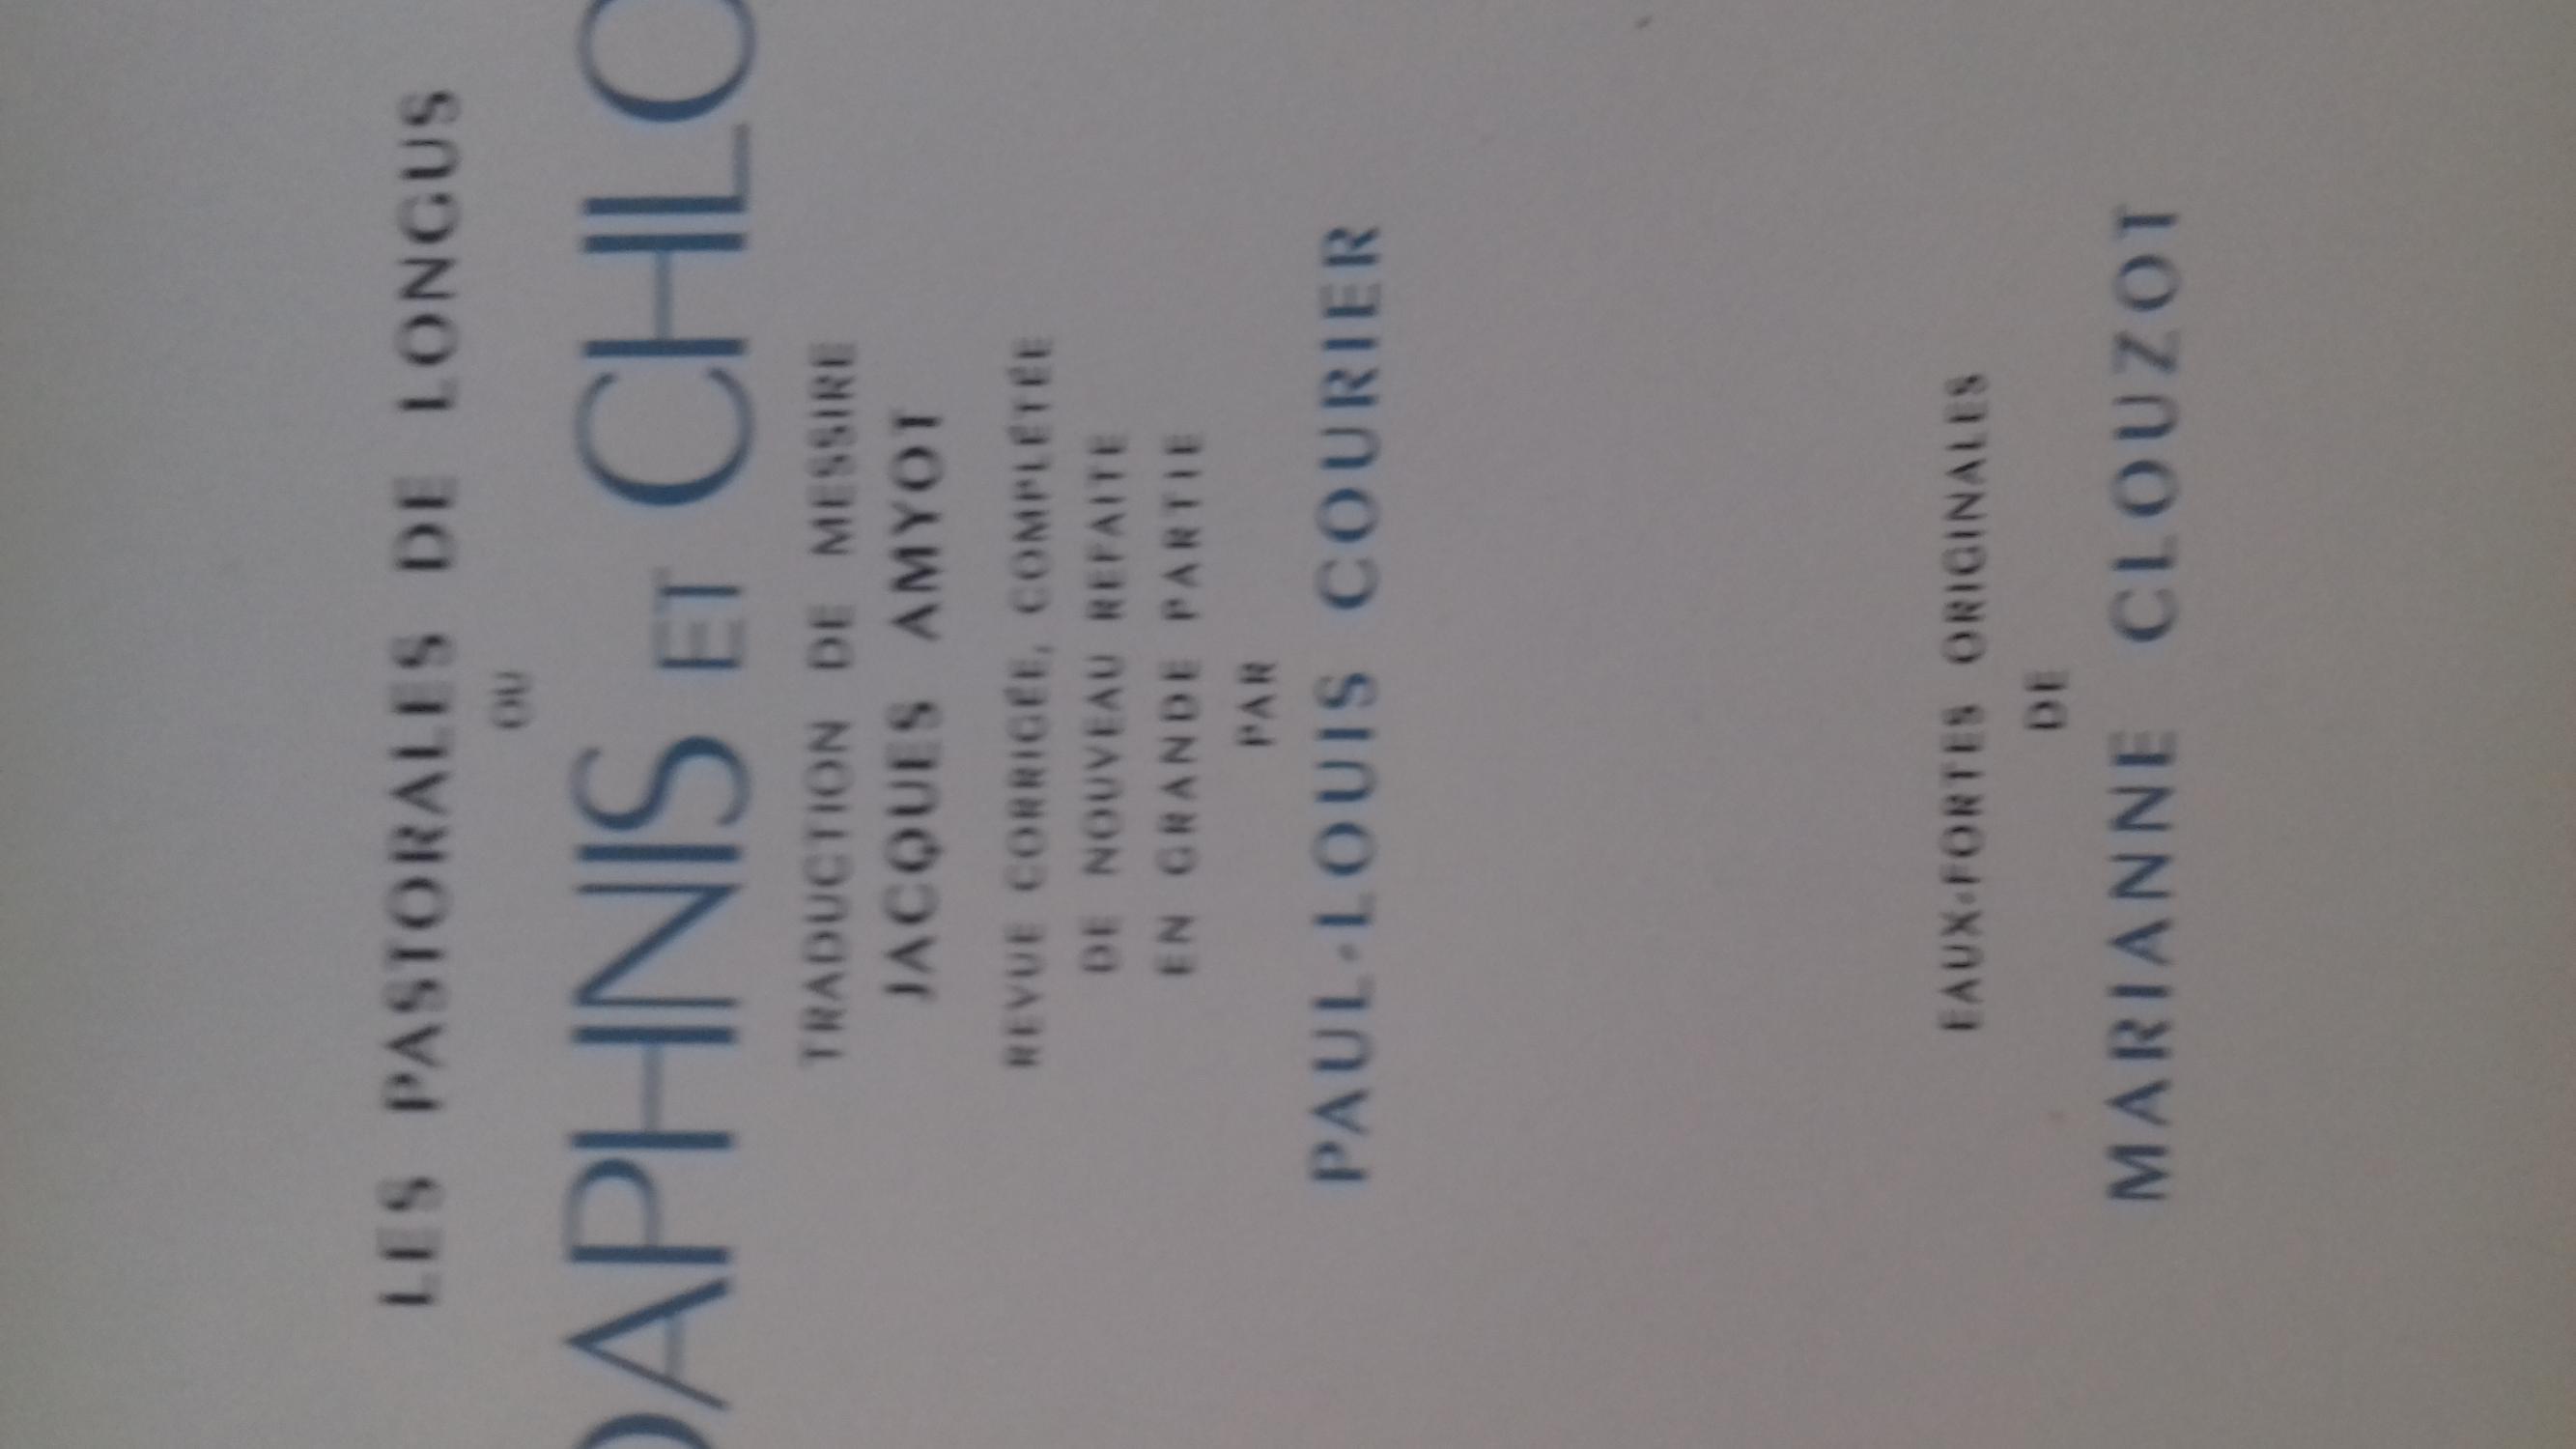 Les Pastorales : De Longus ou Daphnis et Chloé. Traduction de messire Jacques Amyot, revue, corrigée, longus Fine Hardcover exemplaire 919/950 sur velin eaux fortes de Marianne CLOUZOT